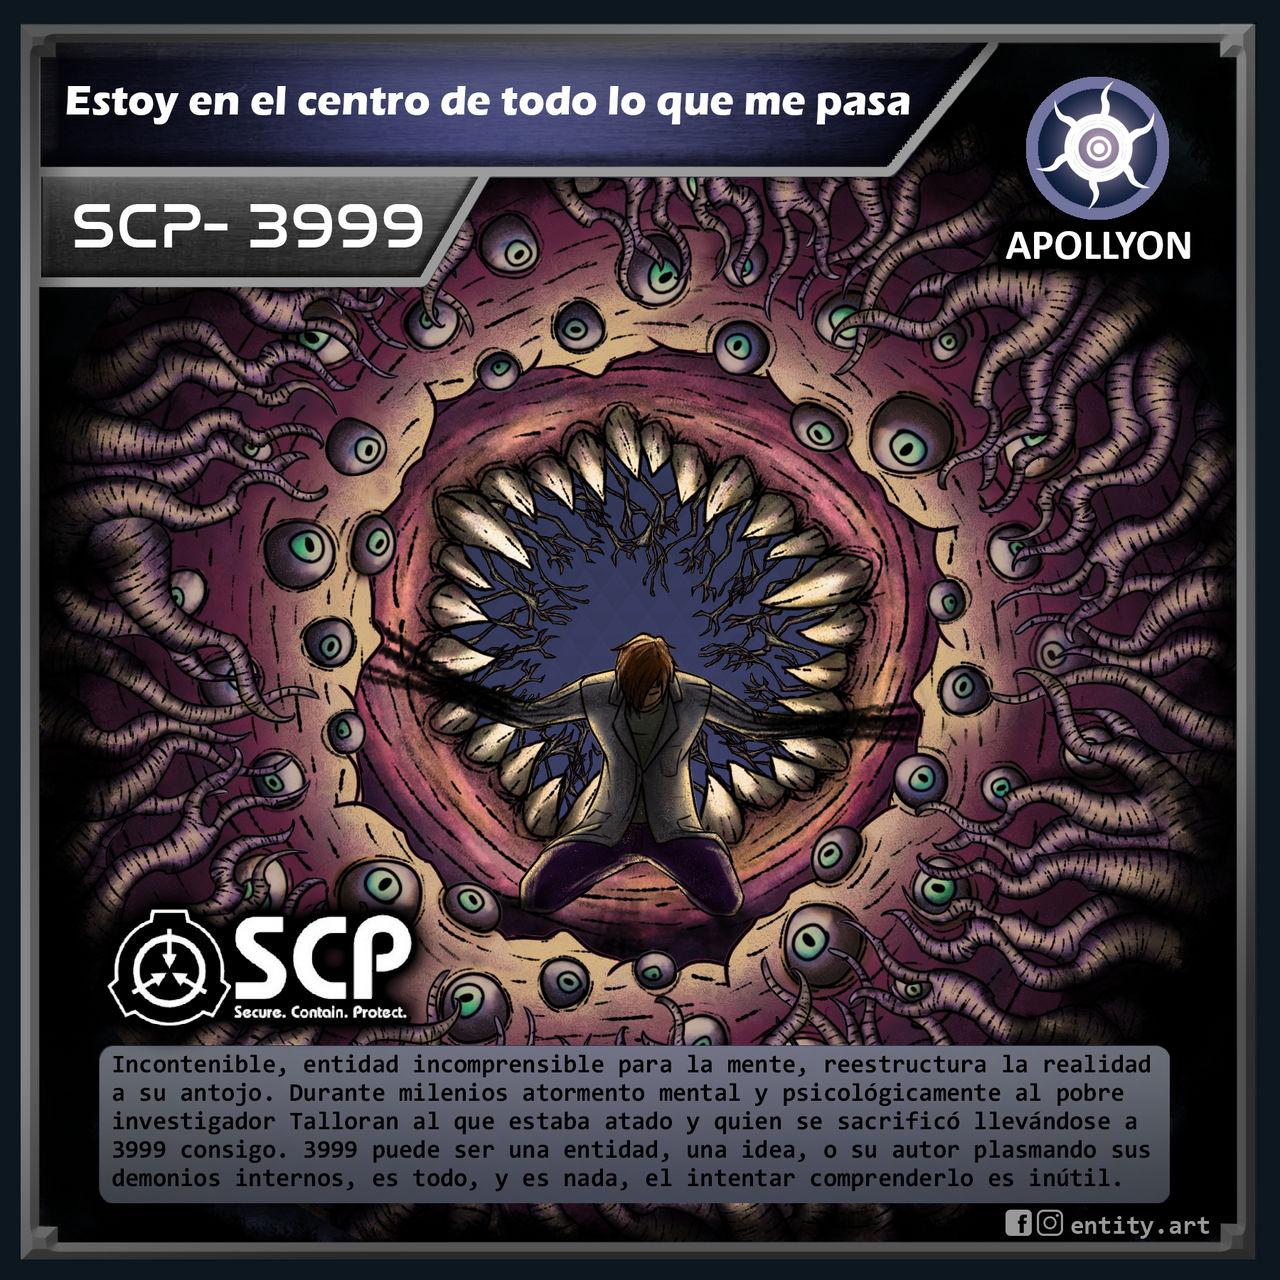 scp_3999_by_vinevin_de88r44-fullview.jpg?token=eyJ0eXAiOiJKV1QiLCJhbGciOiJIUzI1NiJ9.eyJzdWIiOiJ1cm46YXBwOiIsImlzcyI6InVybjphcHA6Iiwib2JqIjpbW3siaGVpZ2h0IjoiPD0xMjgwIiwicGF0aCI6IlwvZlwvNDhmZWZhNTMtZjI5MC00NTBmLWFhYjItYWIxYWE0YTE1M2ExXC9kZTg4cjQ0LWQwZGRkMGUyLThlYzQtNGZjZC05MjgzLWU1ODIwZDQ0MjRjMC5wbmciLCJ3aWR0aCI6Ijw9MTI4MCJ9XV0sImF1ZCI6WyJ1cm46c2VydmljZTppbWFnZS5vcGVyYXRpb25zIl19.PysjTMbdSJCxoN0dXmXr7iDjF8O6xmzrMJltdy9uJIg